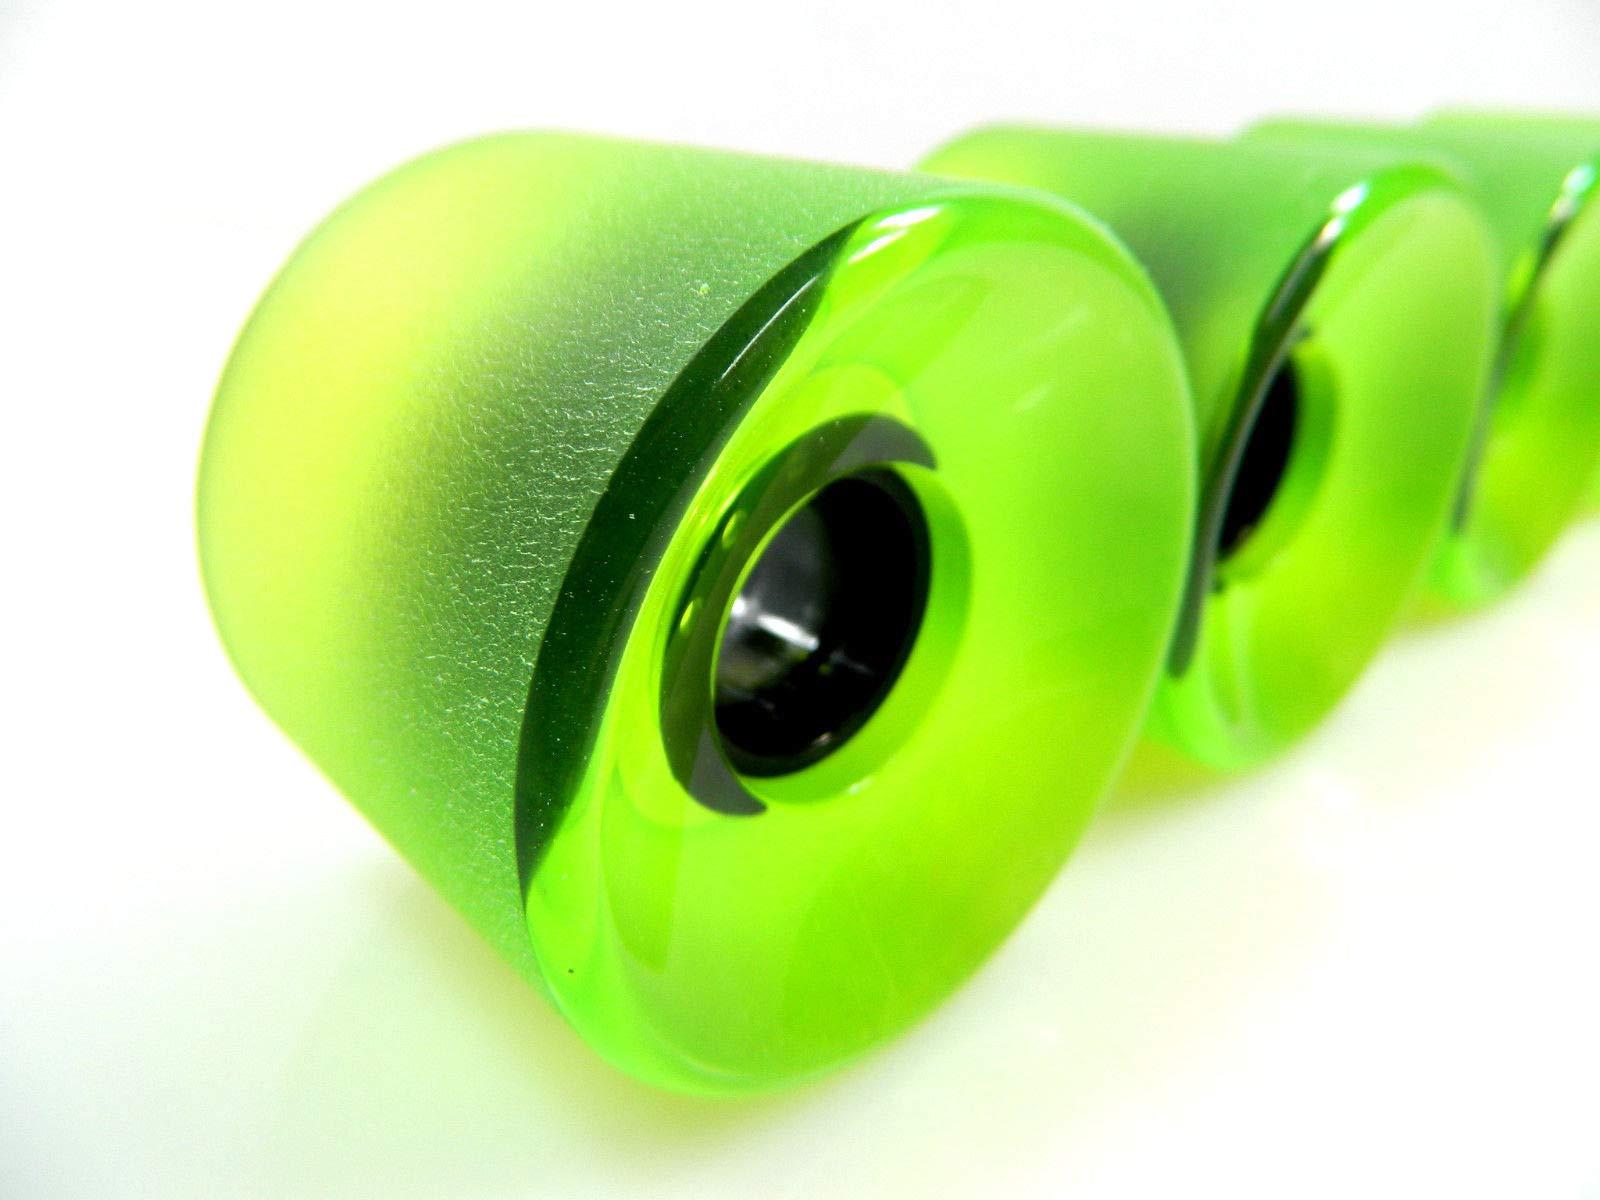 Good Skateboard Clear Blue (Matte Surface) Blank Pro 65Mm X 51Mm Longboard Cruiser Wheels Clear New Sealed